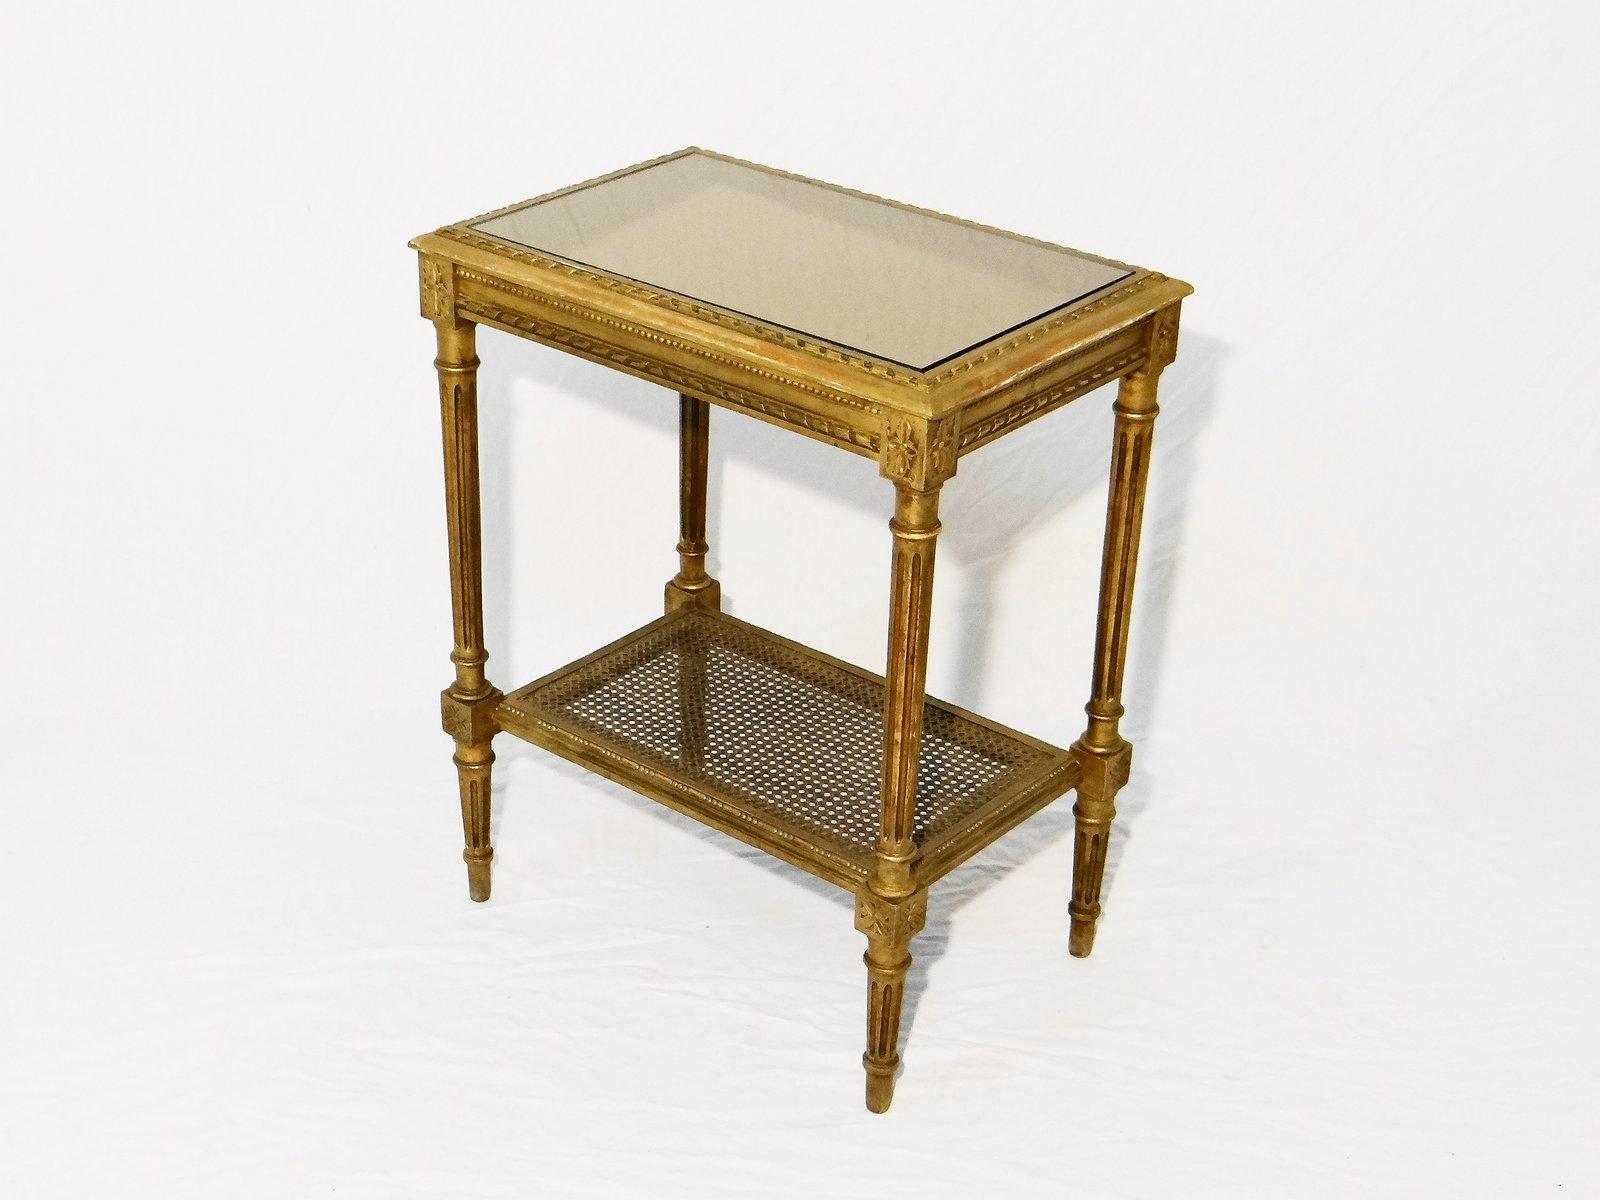 Table d 39 appoint en bois dor 1950s en vente sur pamono - Table d appoint dore ...